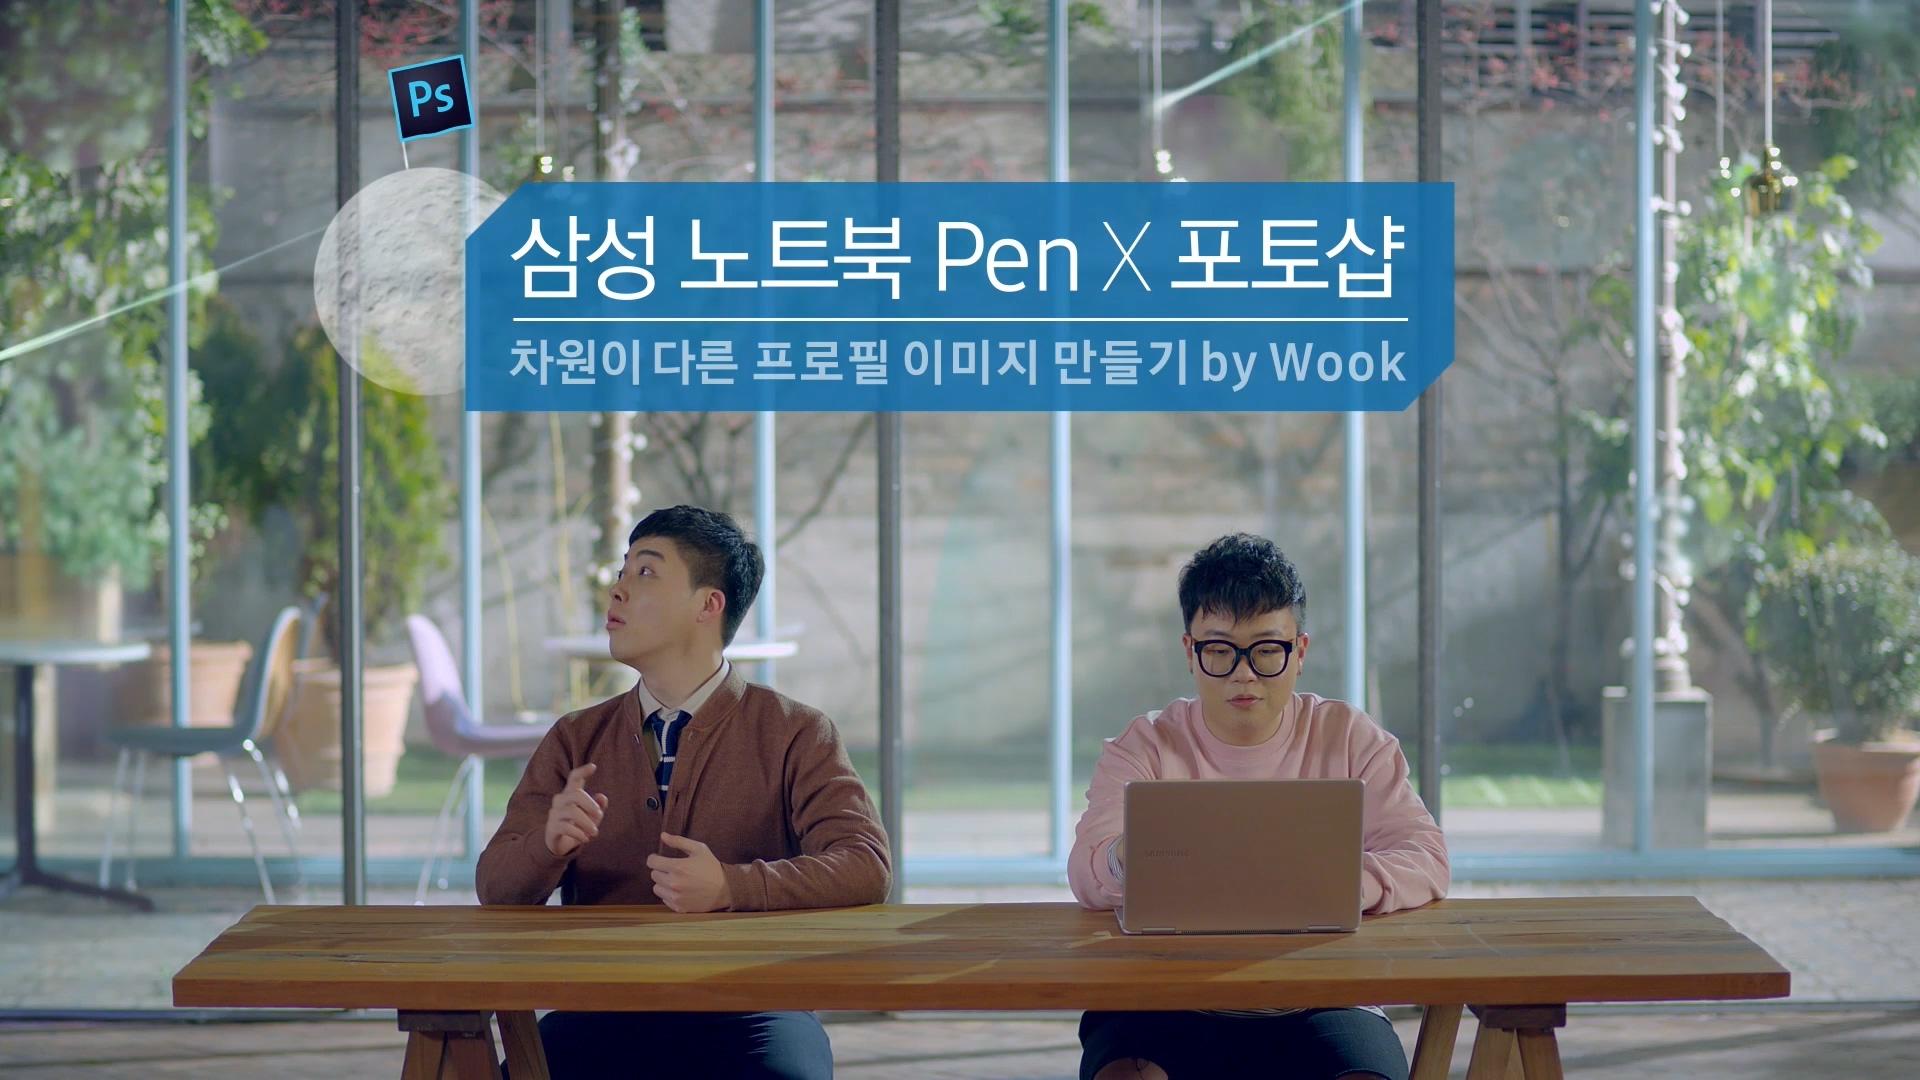 삼성 노트북 Pen X 포토샵